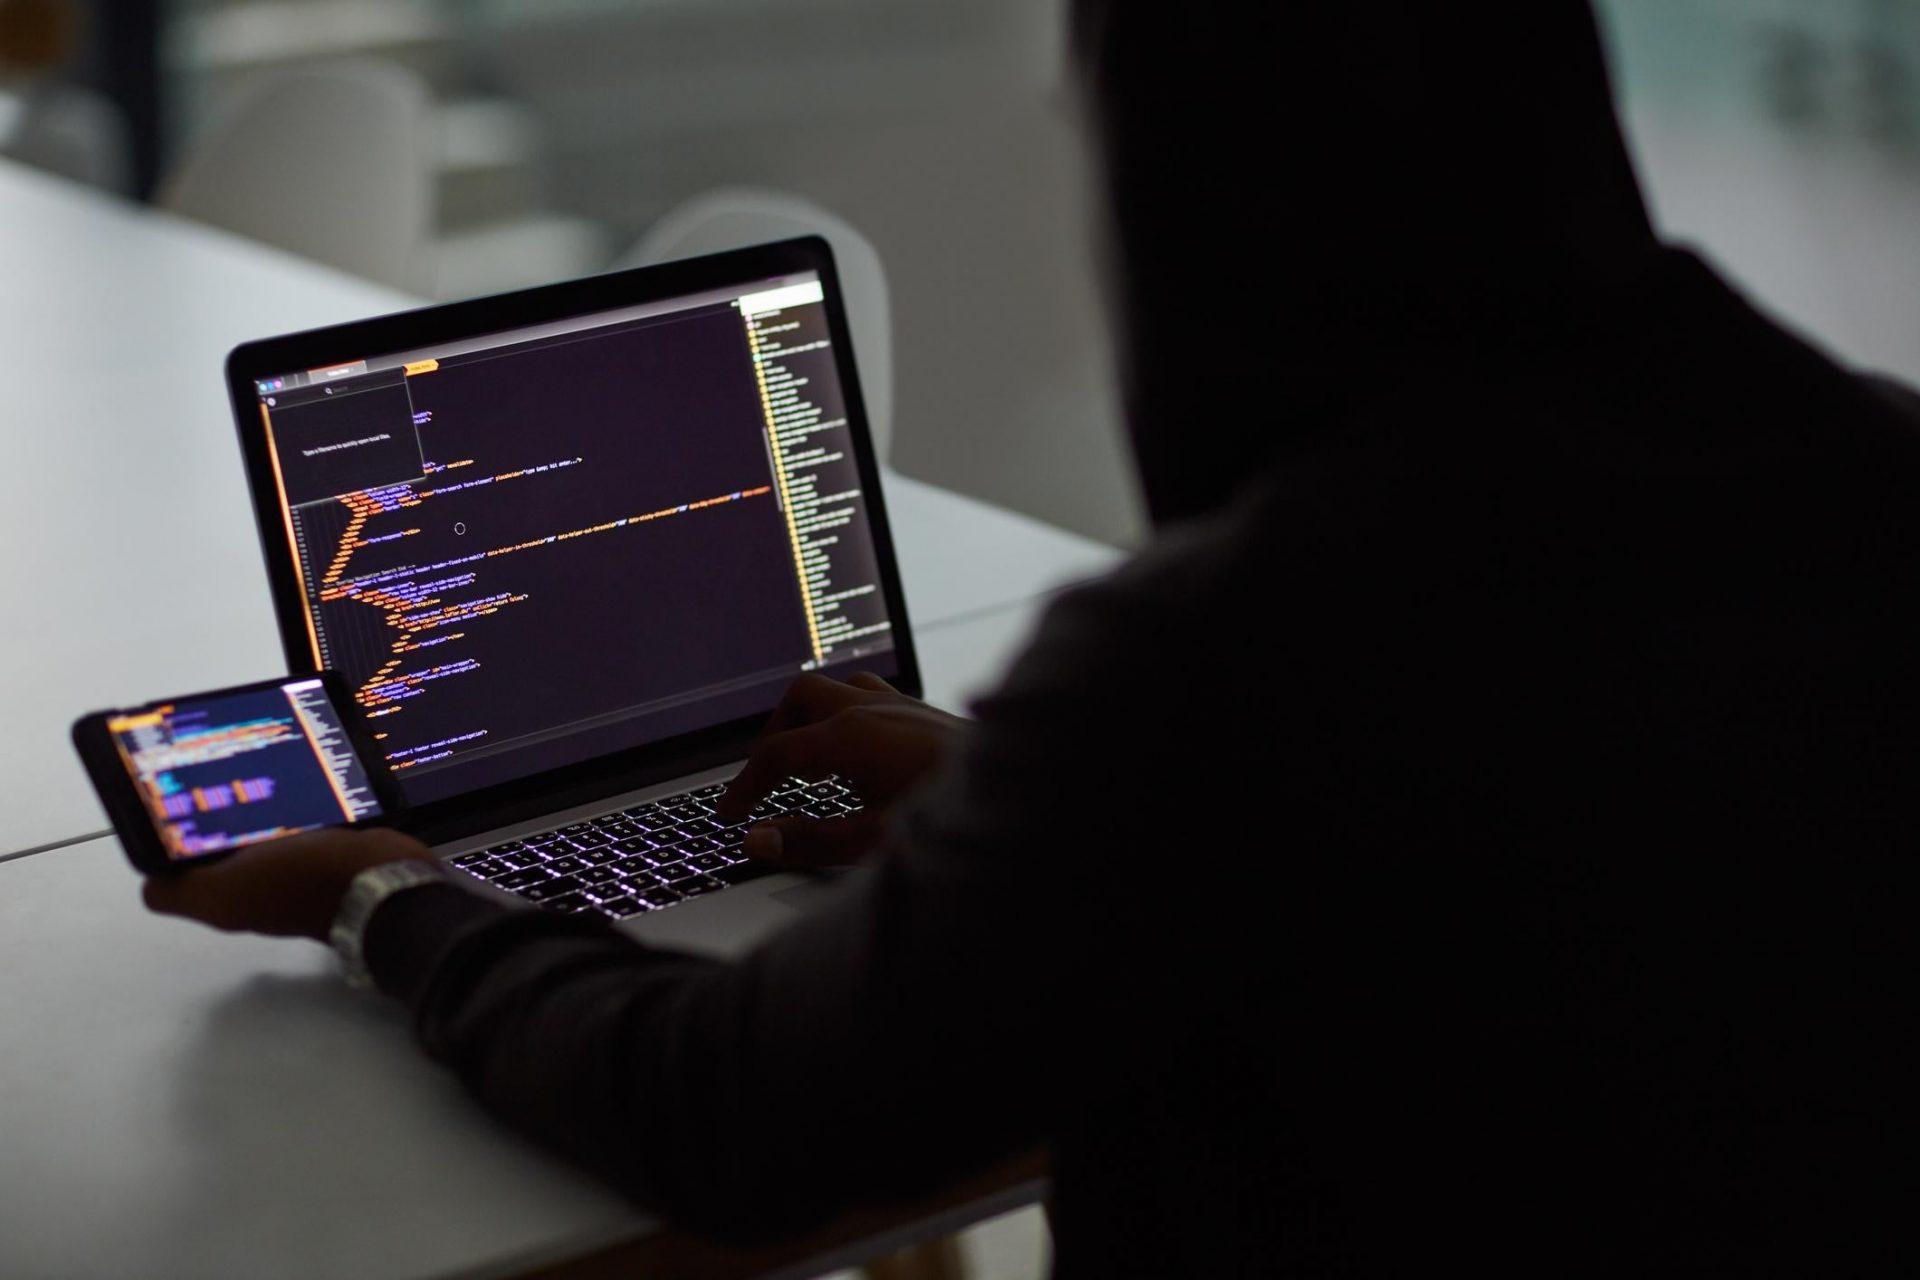 O companie de spyware, investigată de autoritățile germane. Ar fi vândut ilegal tehnologie de supraveghere Turciei